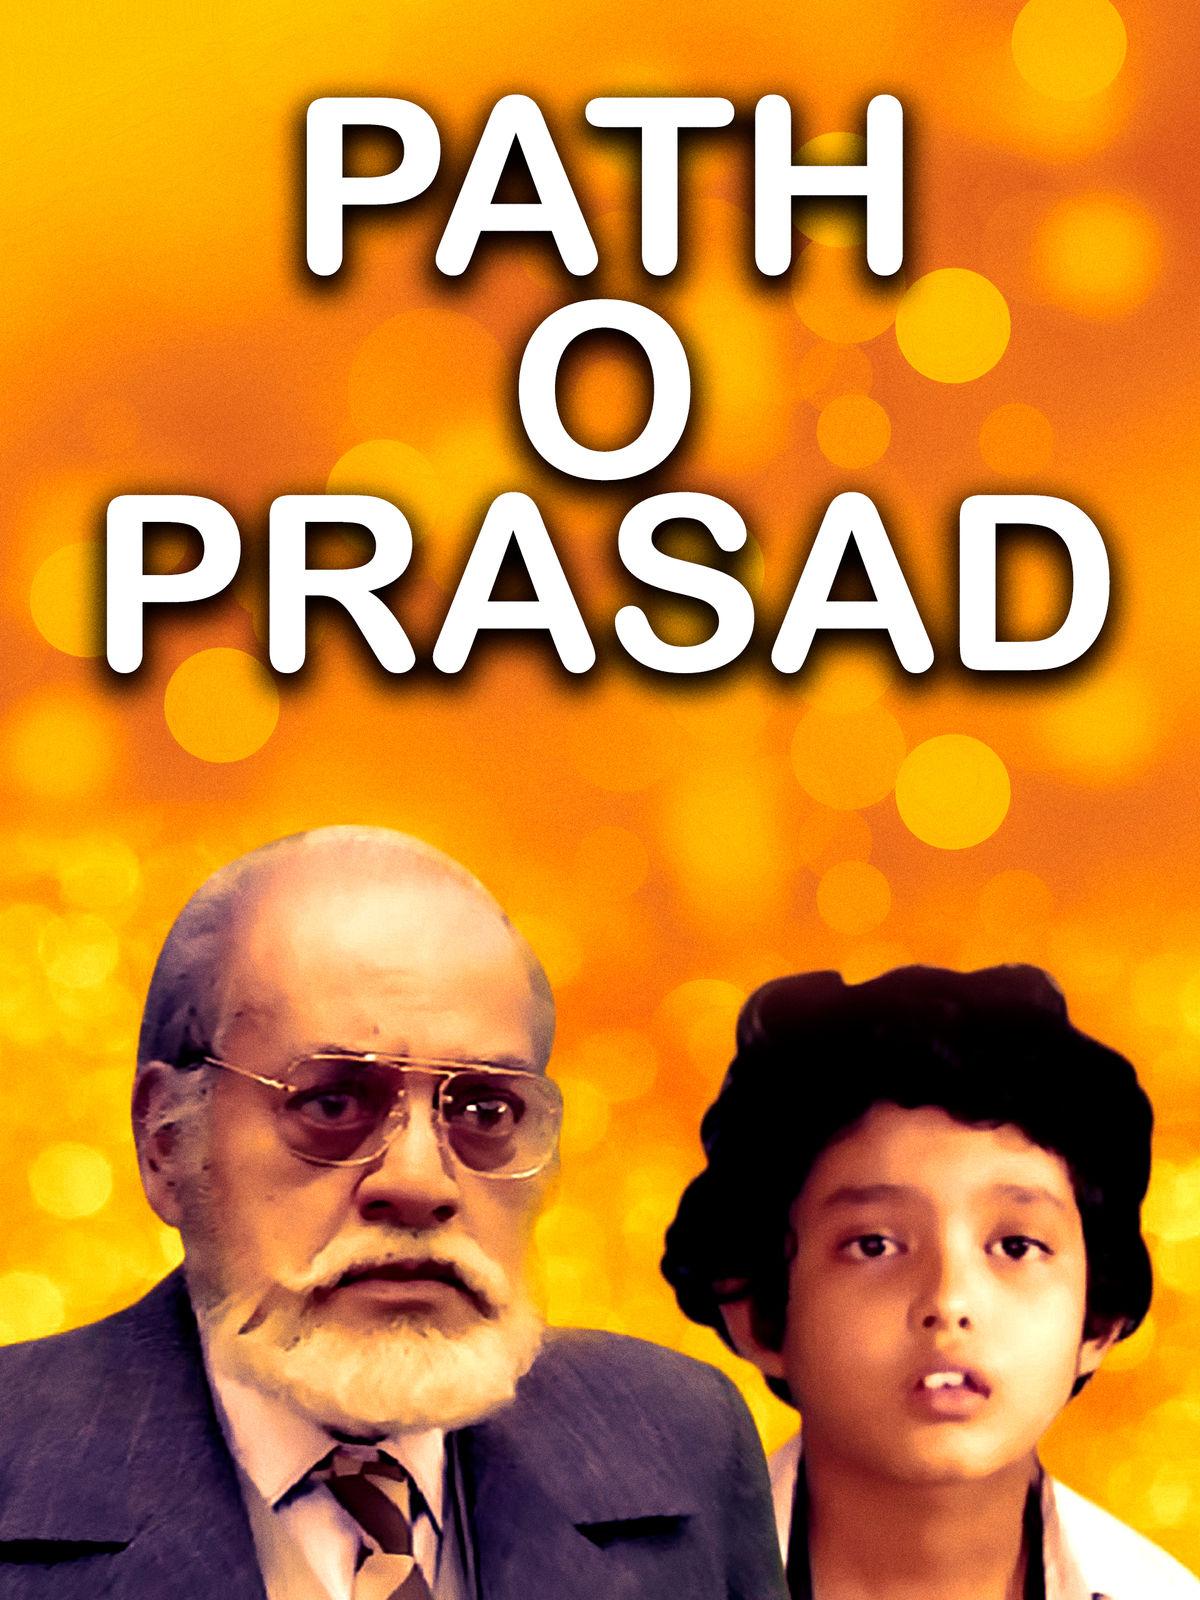 Path O Prasad